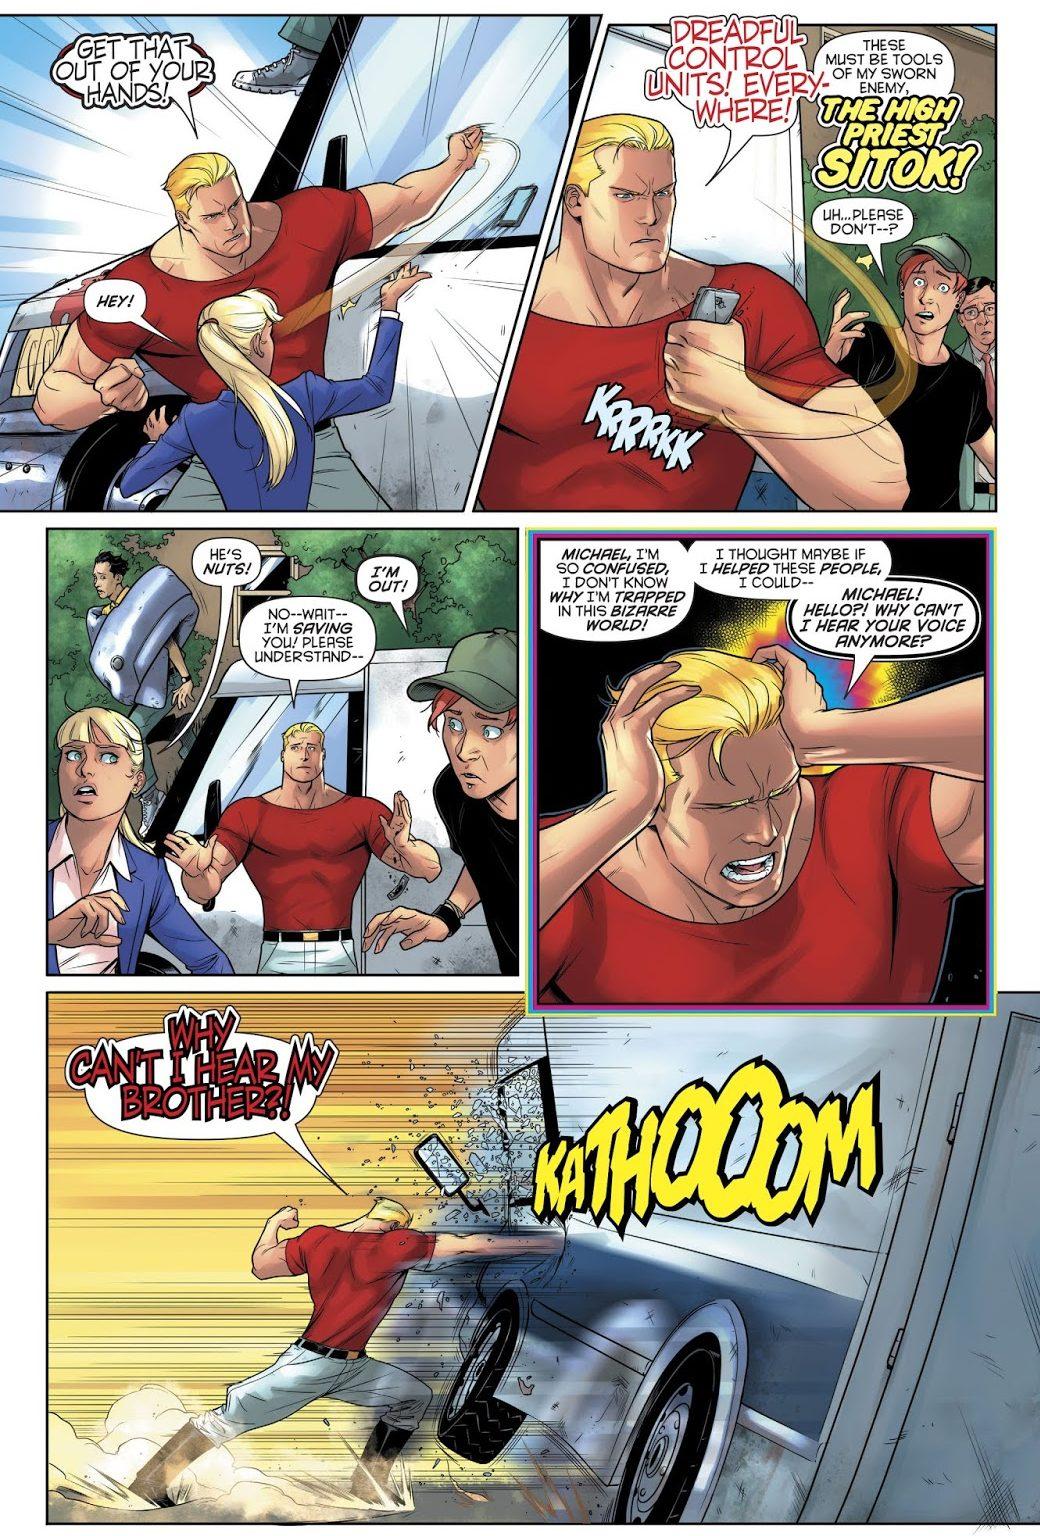 Captain Triumph (Harley Quinn Vol. 3 #51)